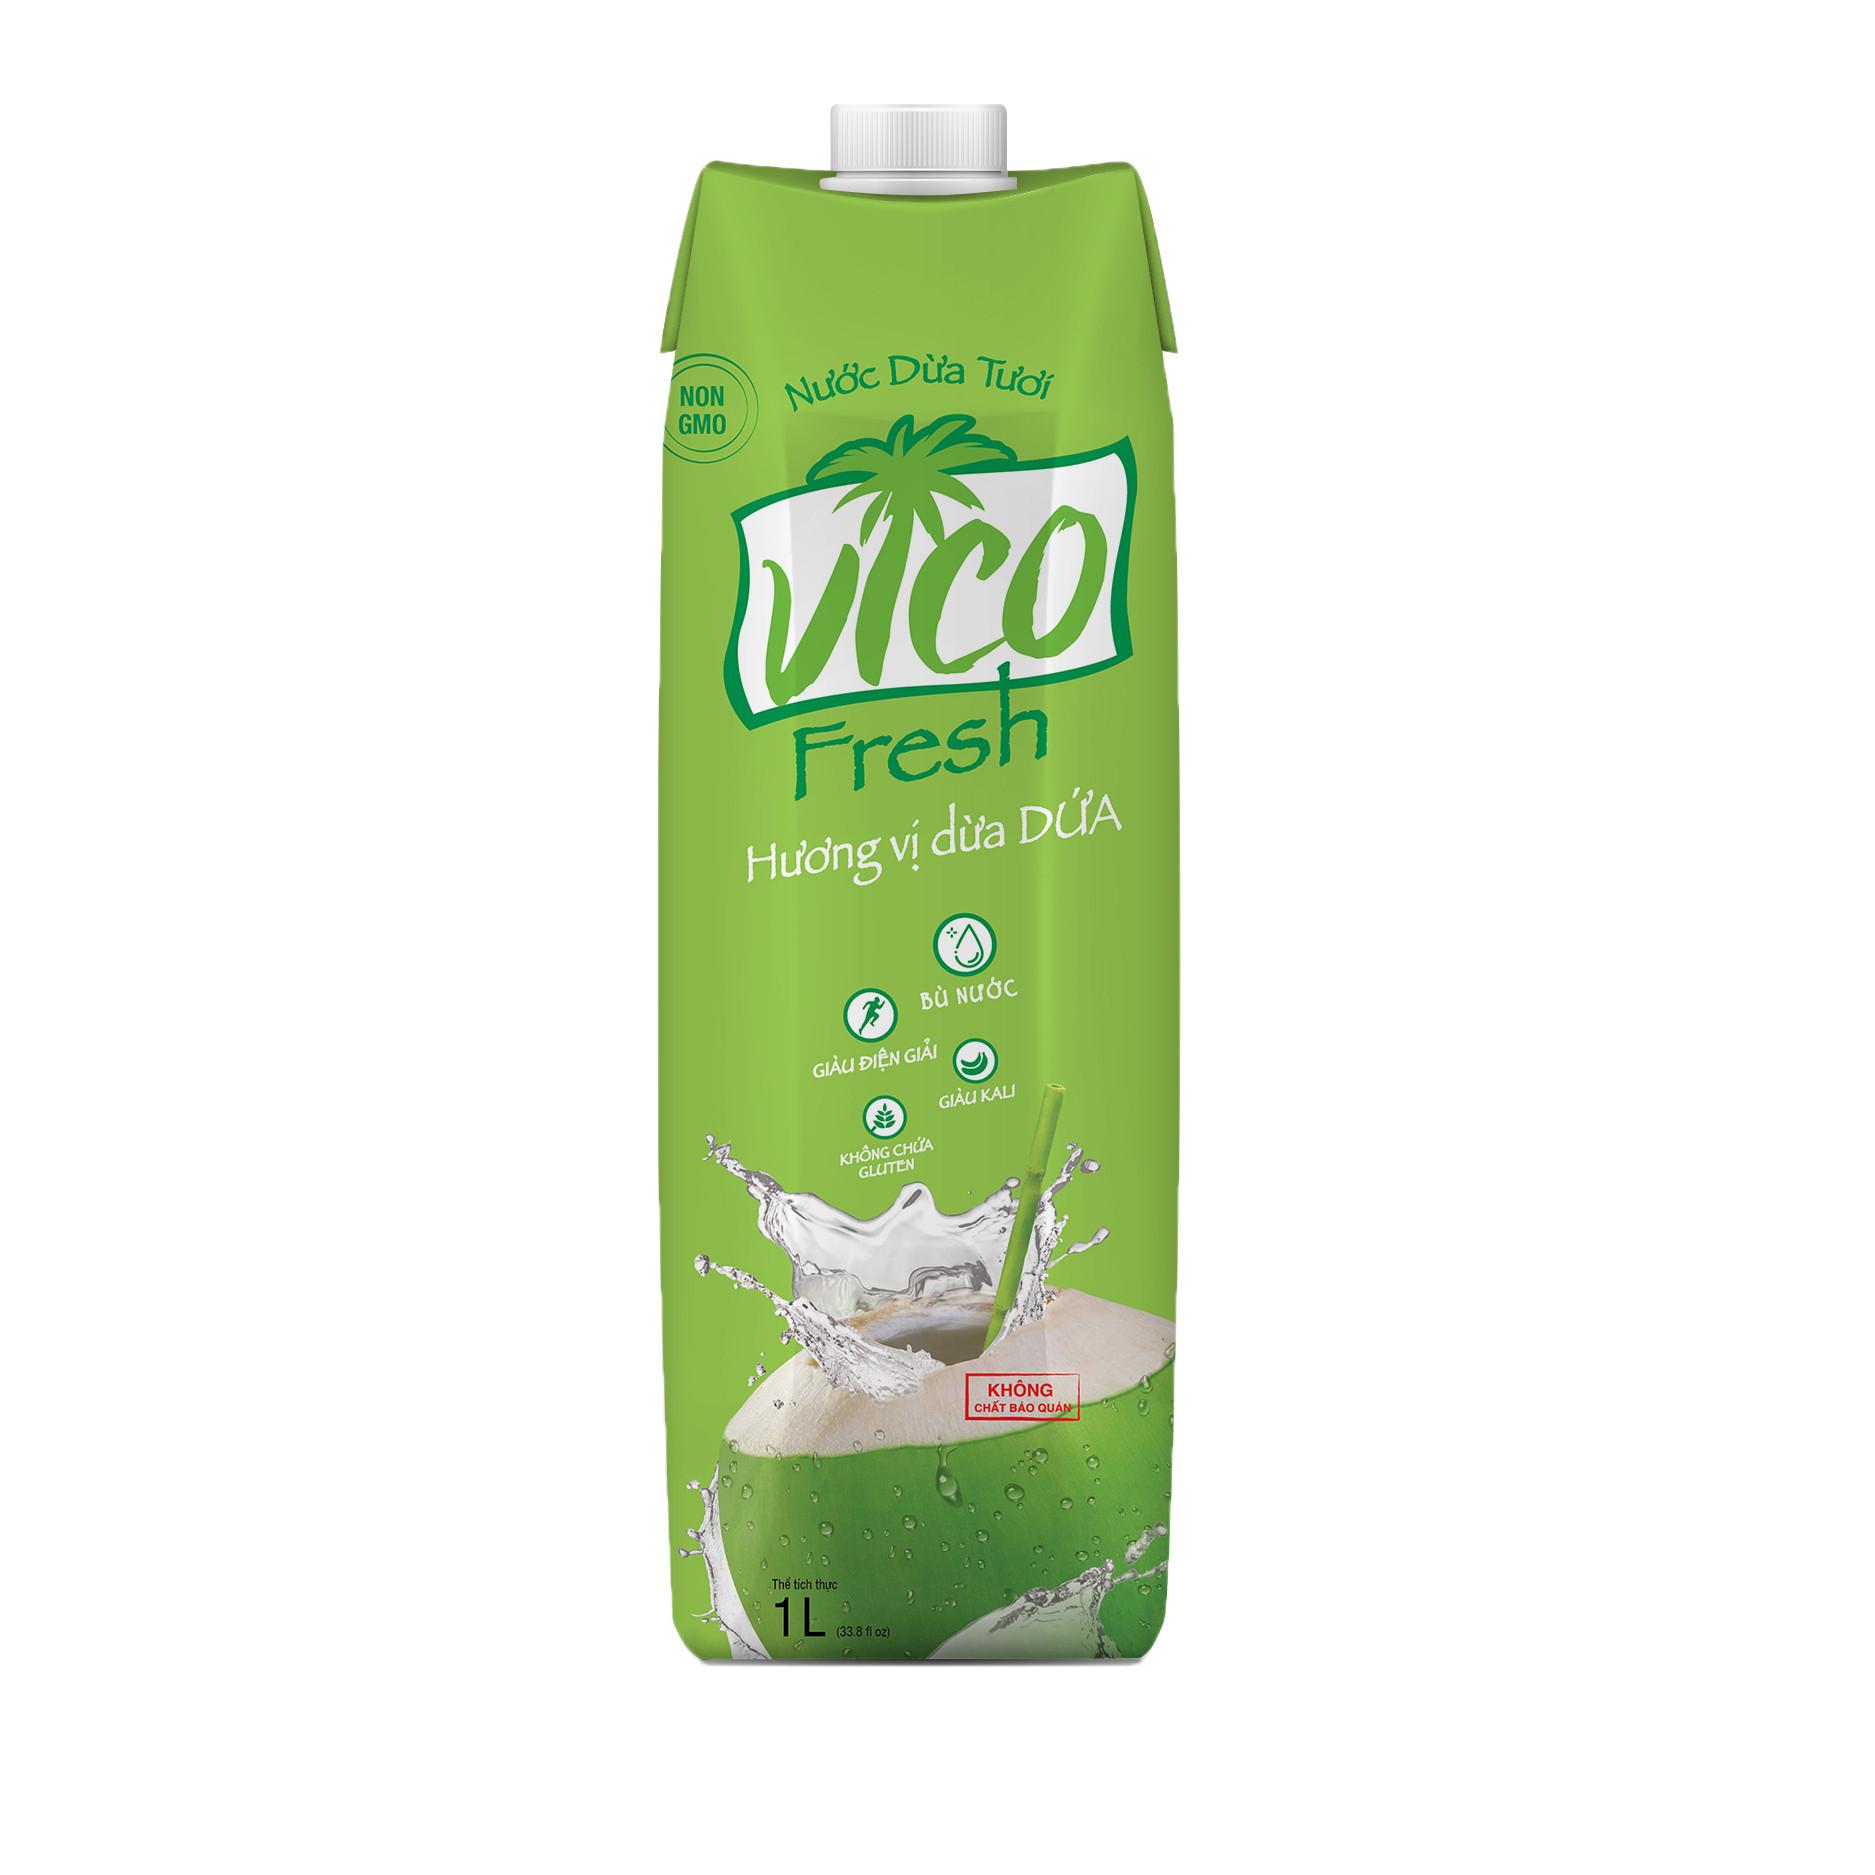 Thùng 12 hộp Nước dừa dứa VICO FRESH 1 lít  hộp